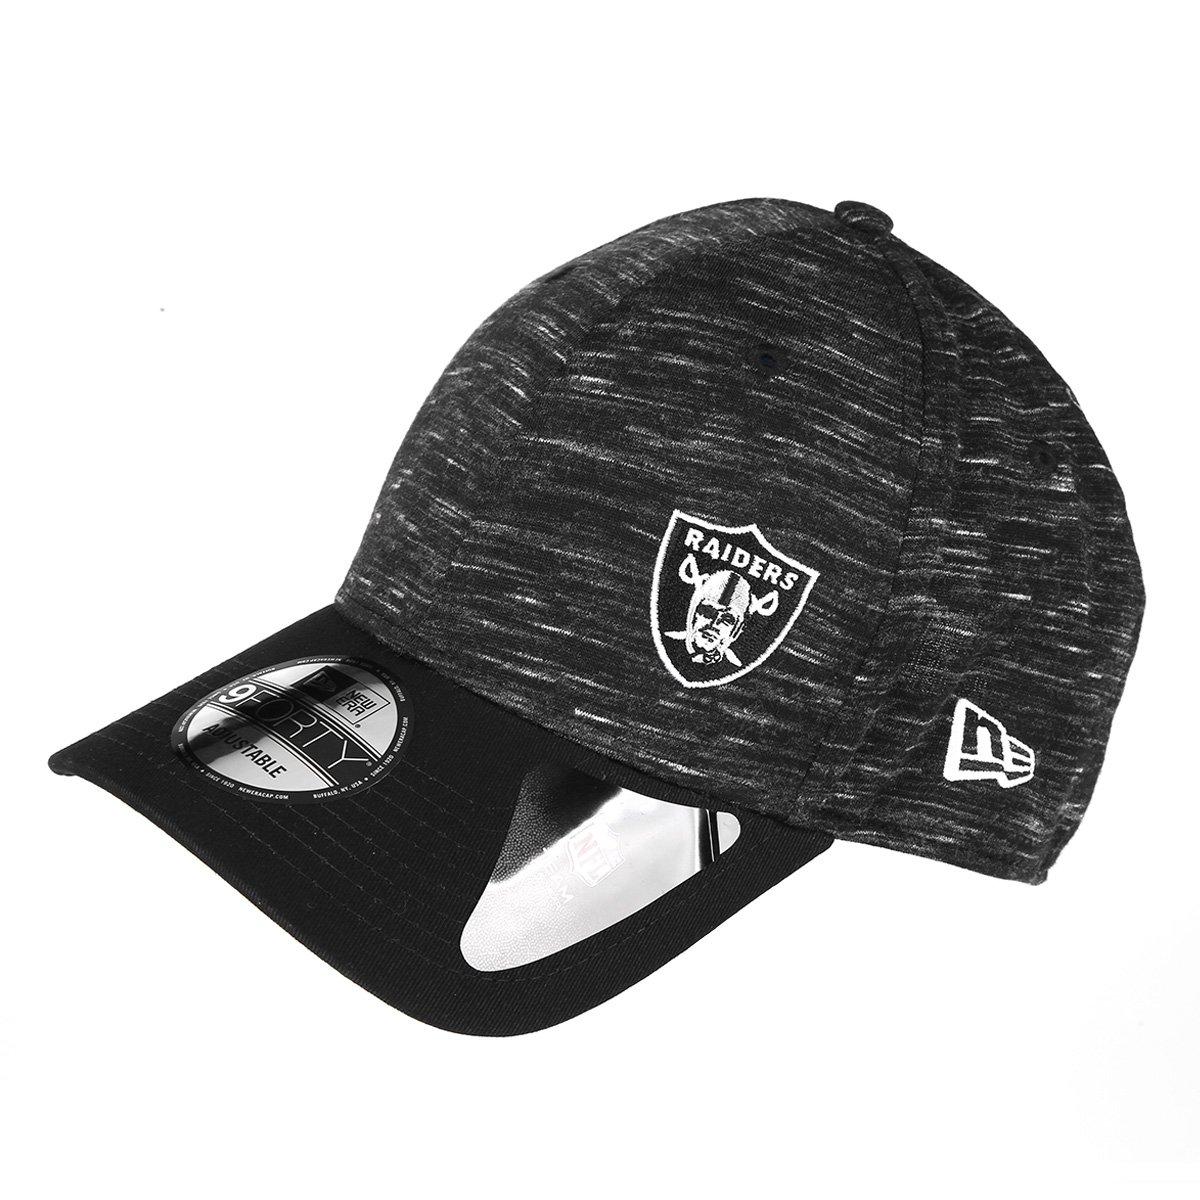 9e60cc268f Boné New Era NFL Oakland Raiders Aba Curva 940 Hp Sn Flame Mini - Preto -  Compre Agora